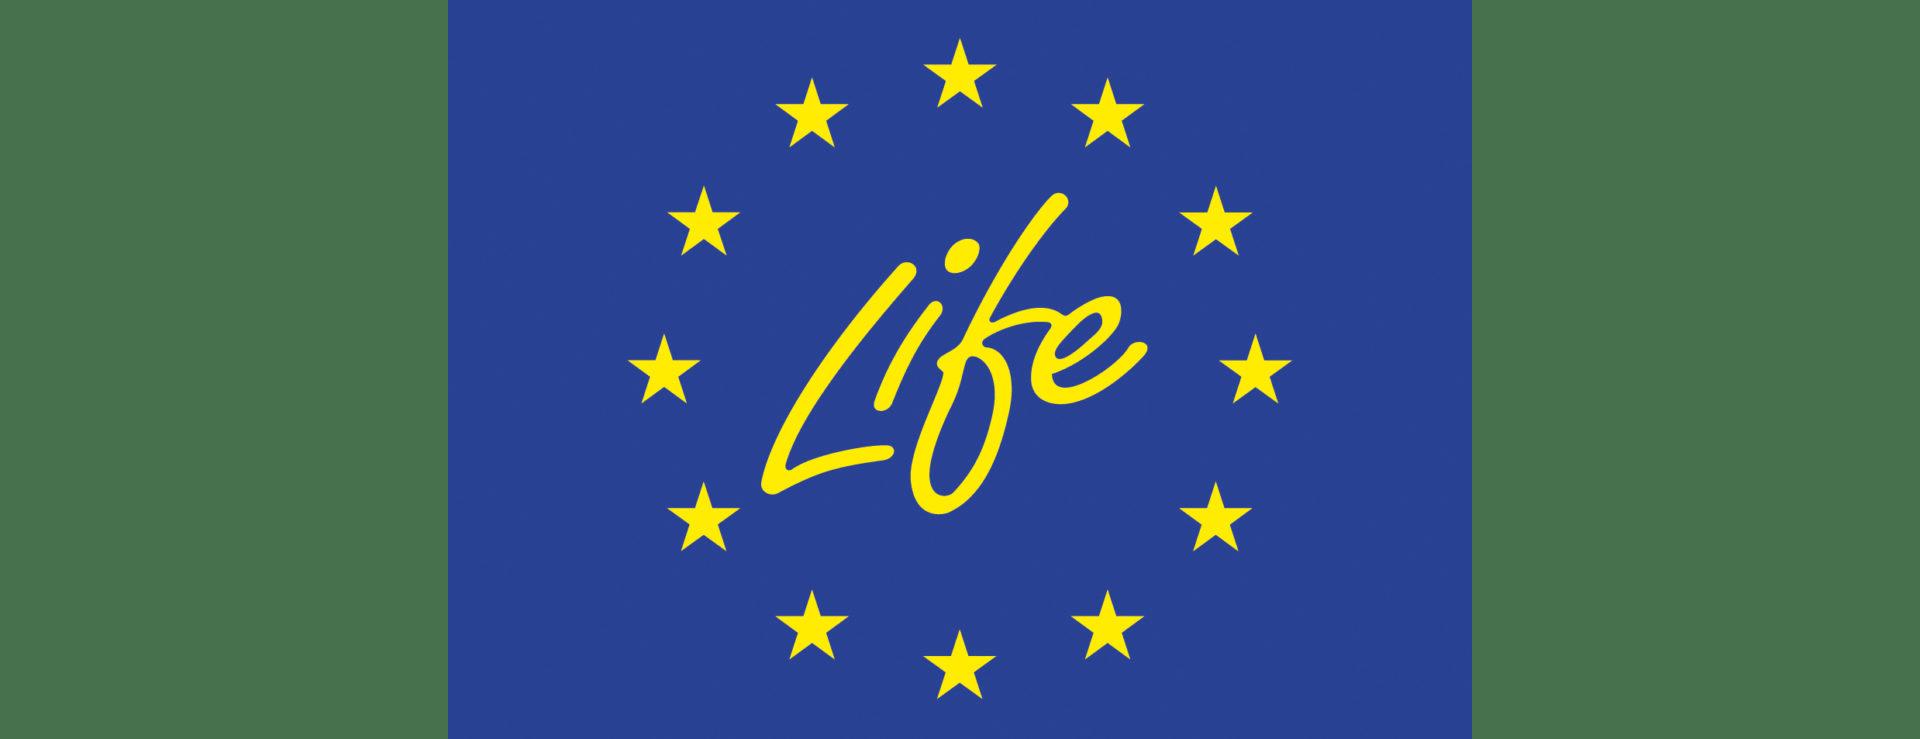 life-save life